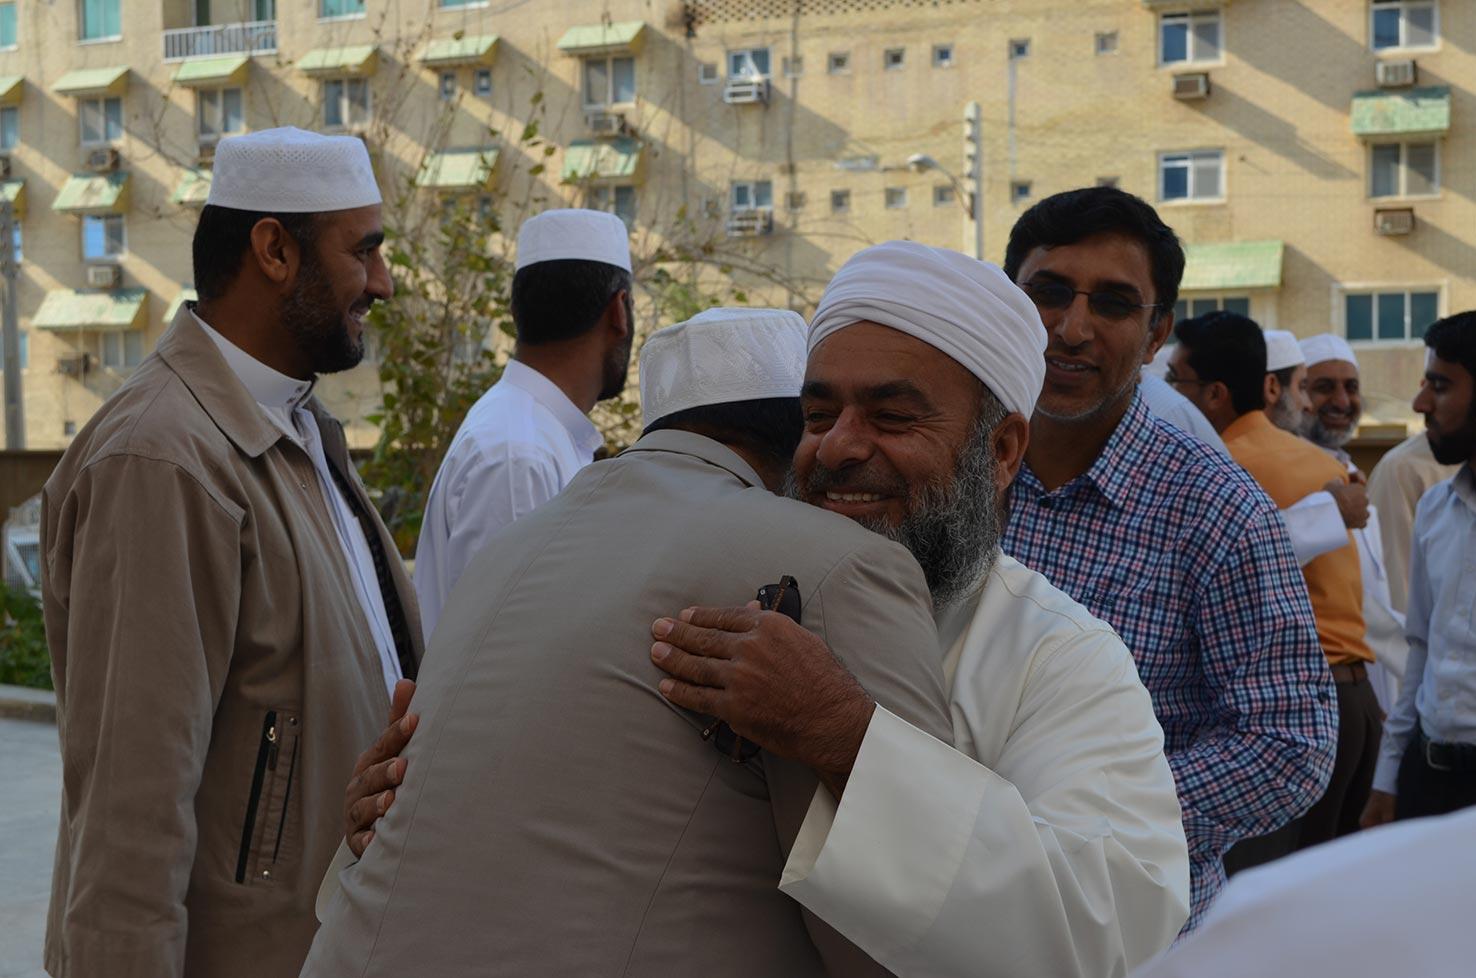 دومین همایش دانش آموختگان مجتمع دینی اهل سنت و جماعت بندرعباس و یادواره حاج ابراهیم عباسی